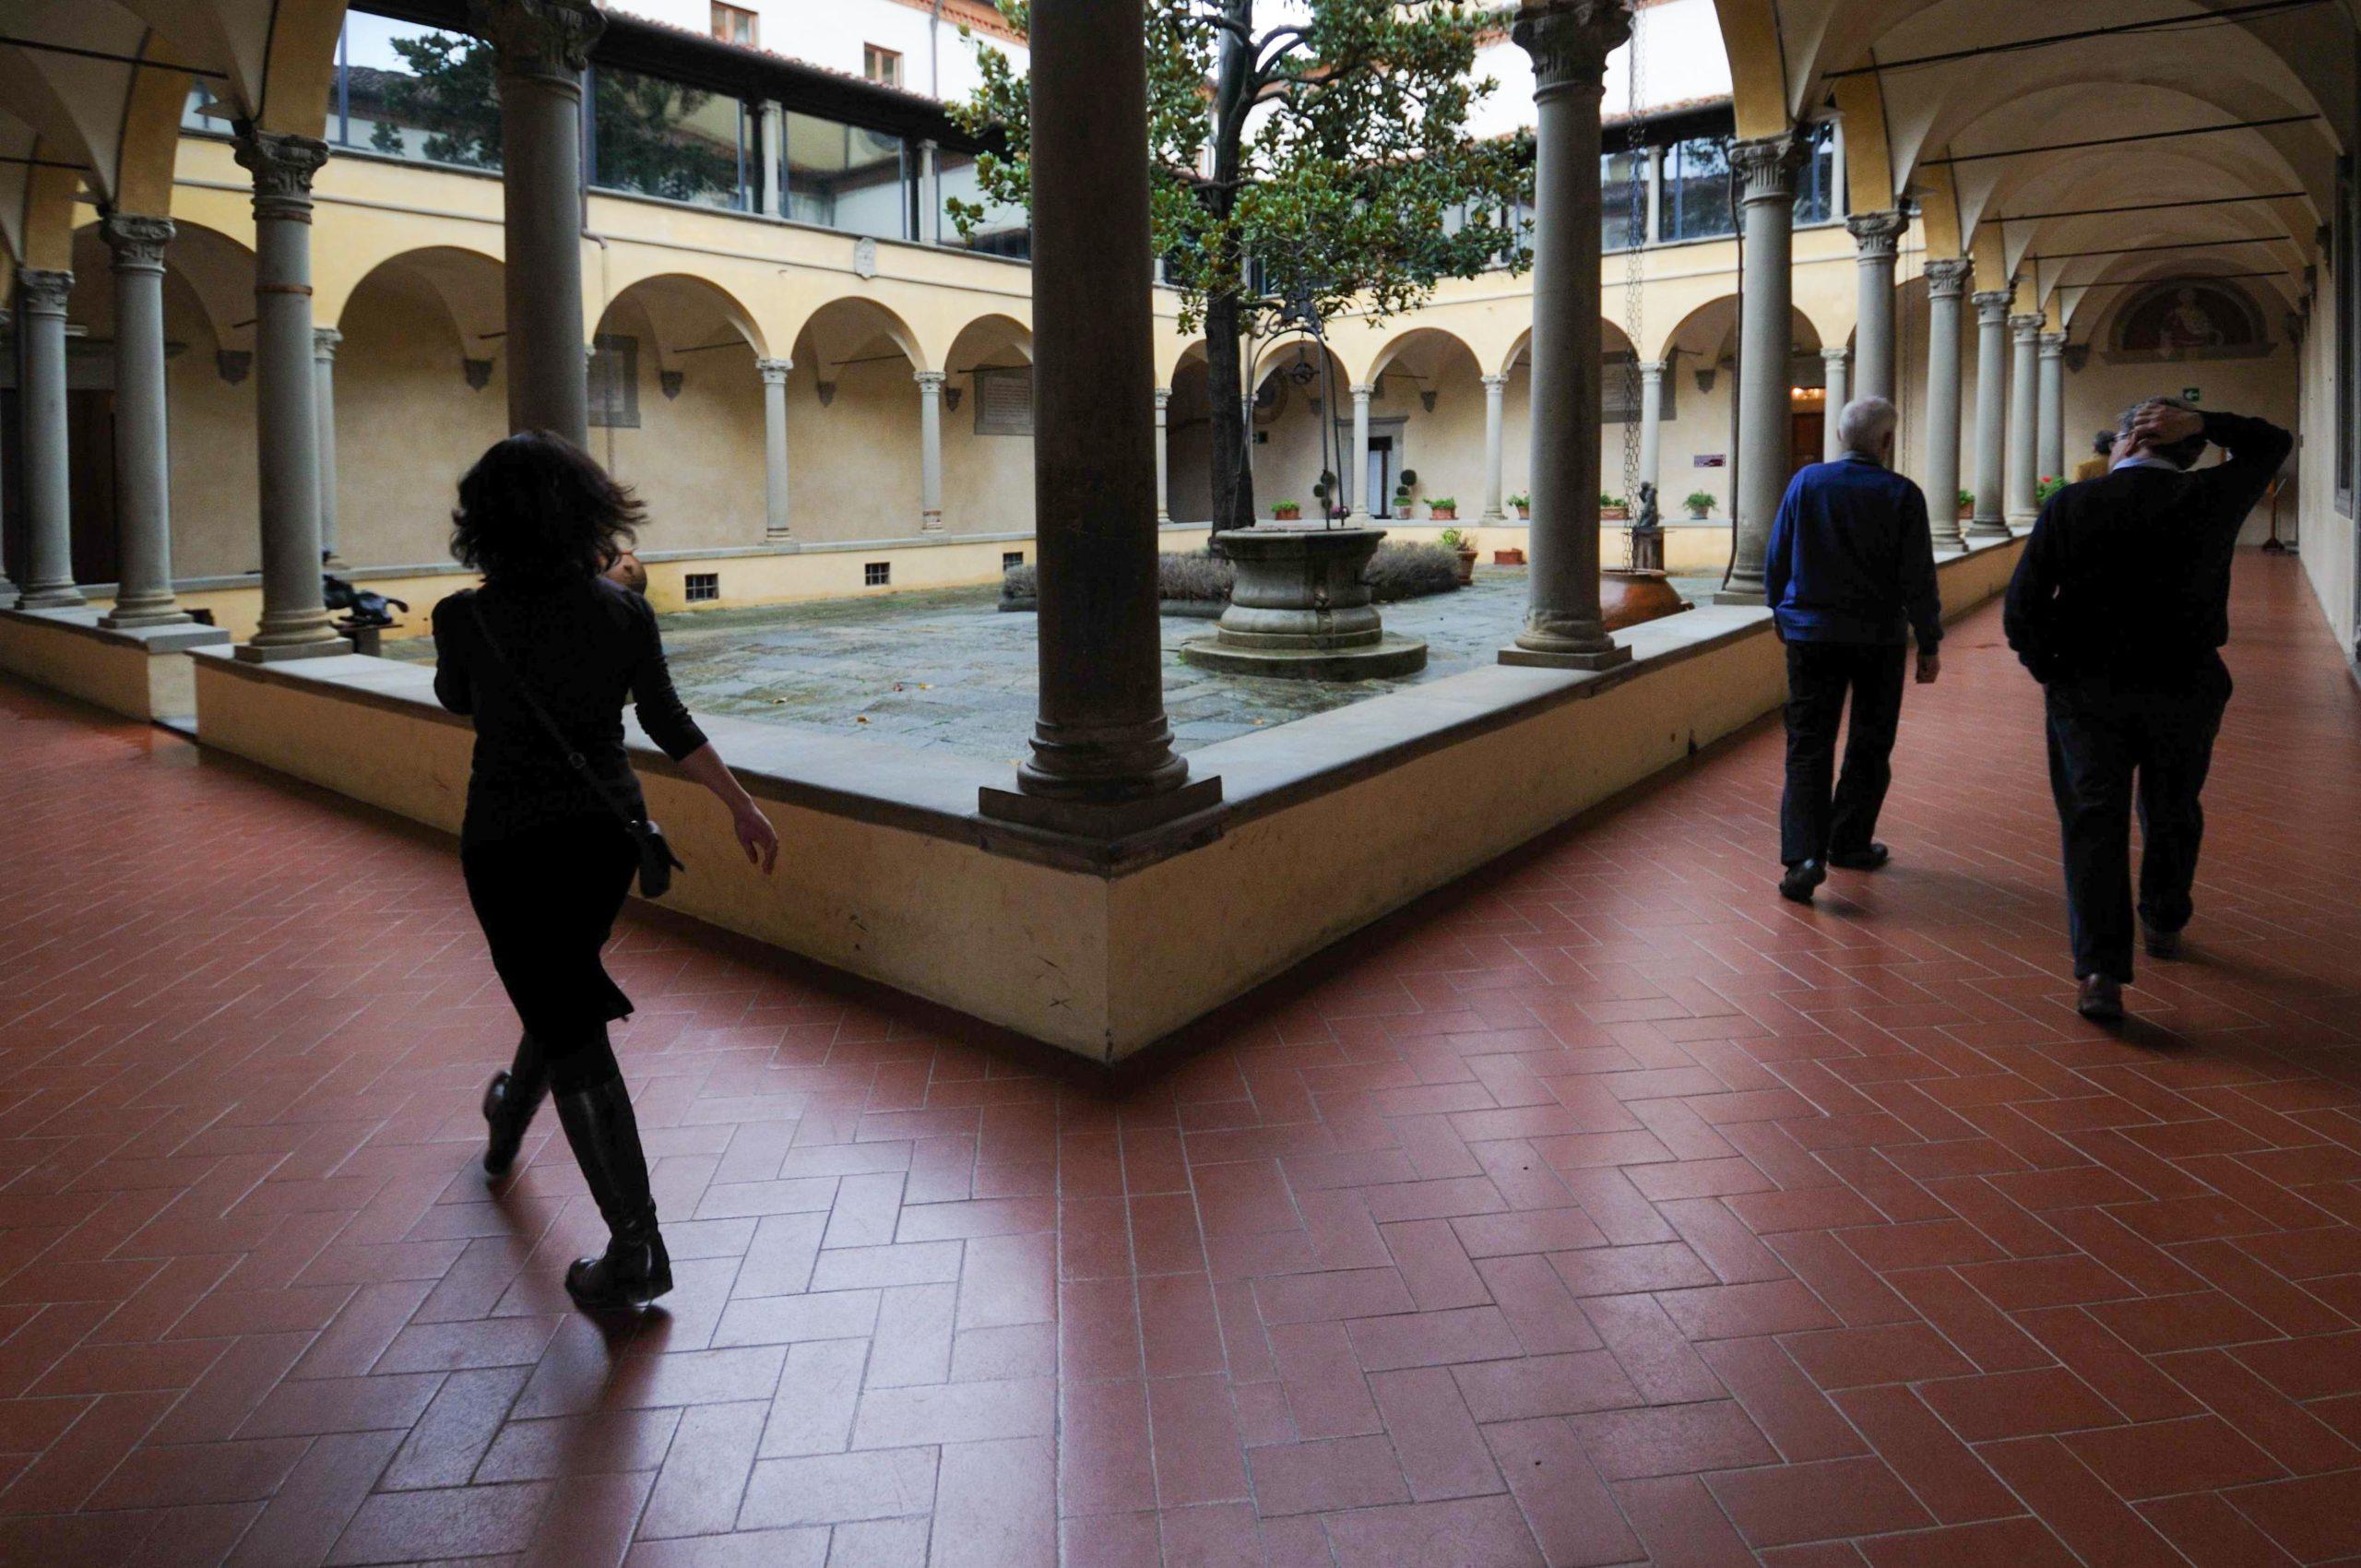 Dehousse (Università europea): Fiesole è già laboratorio internazionale per la ripartenza